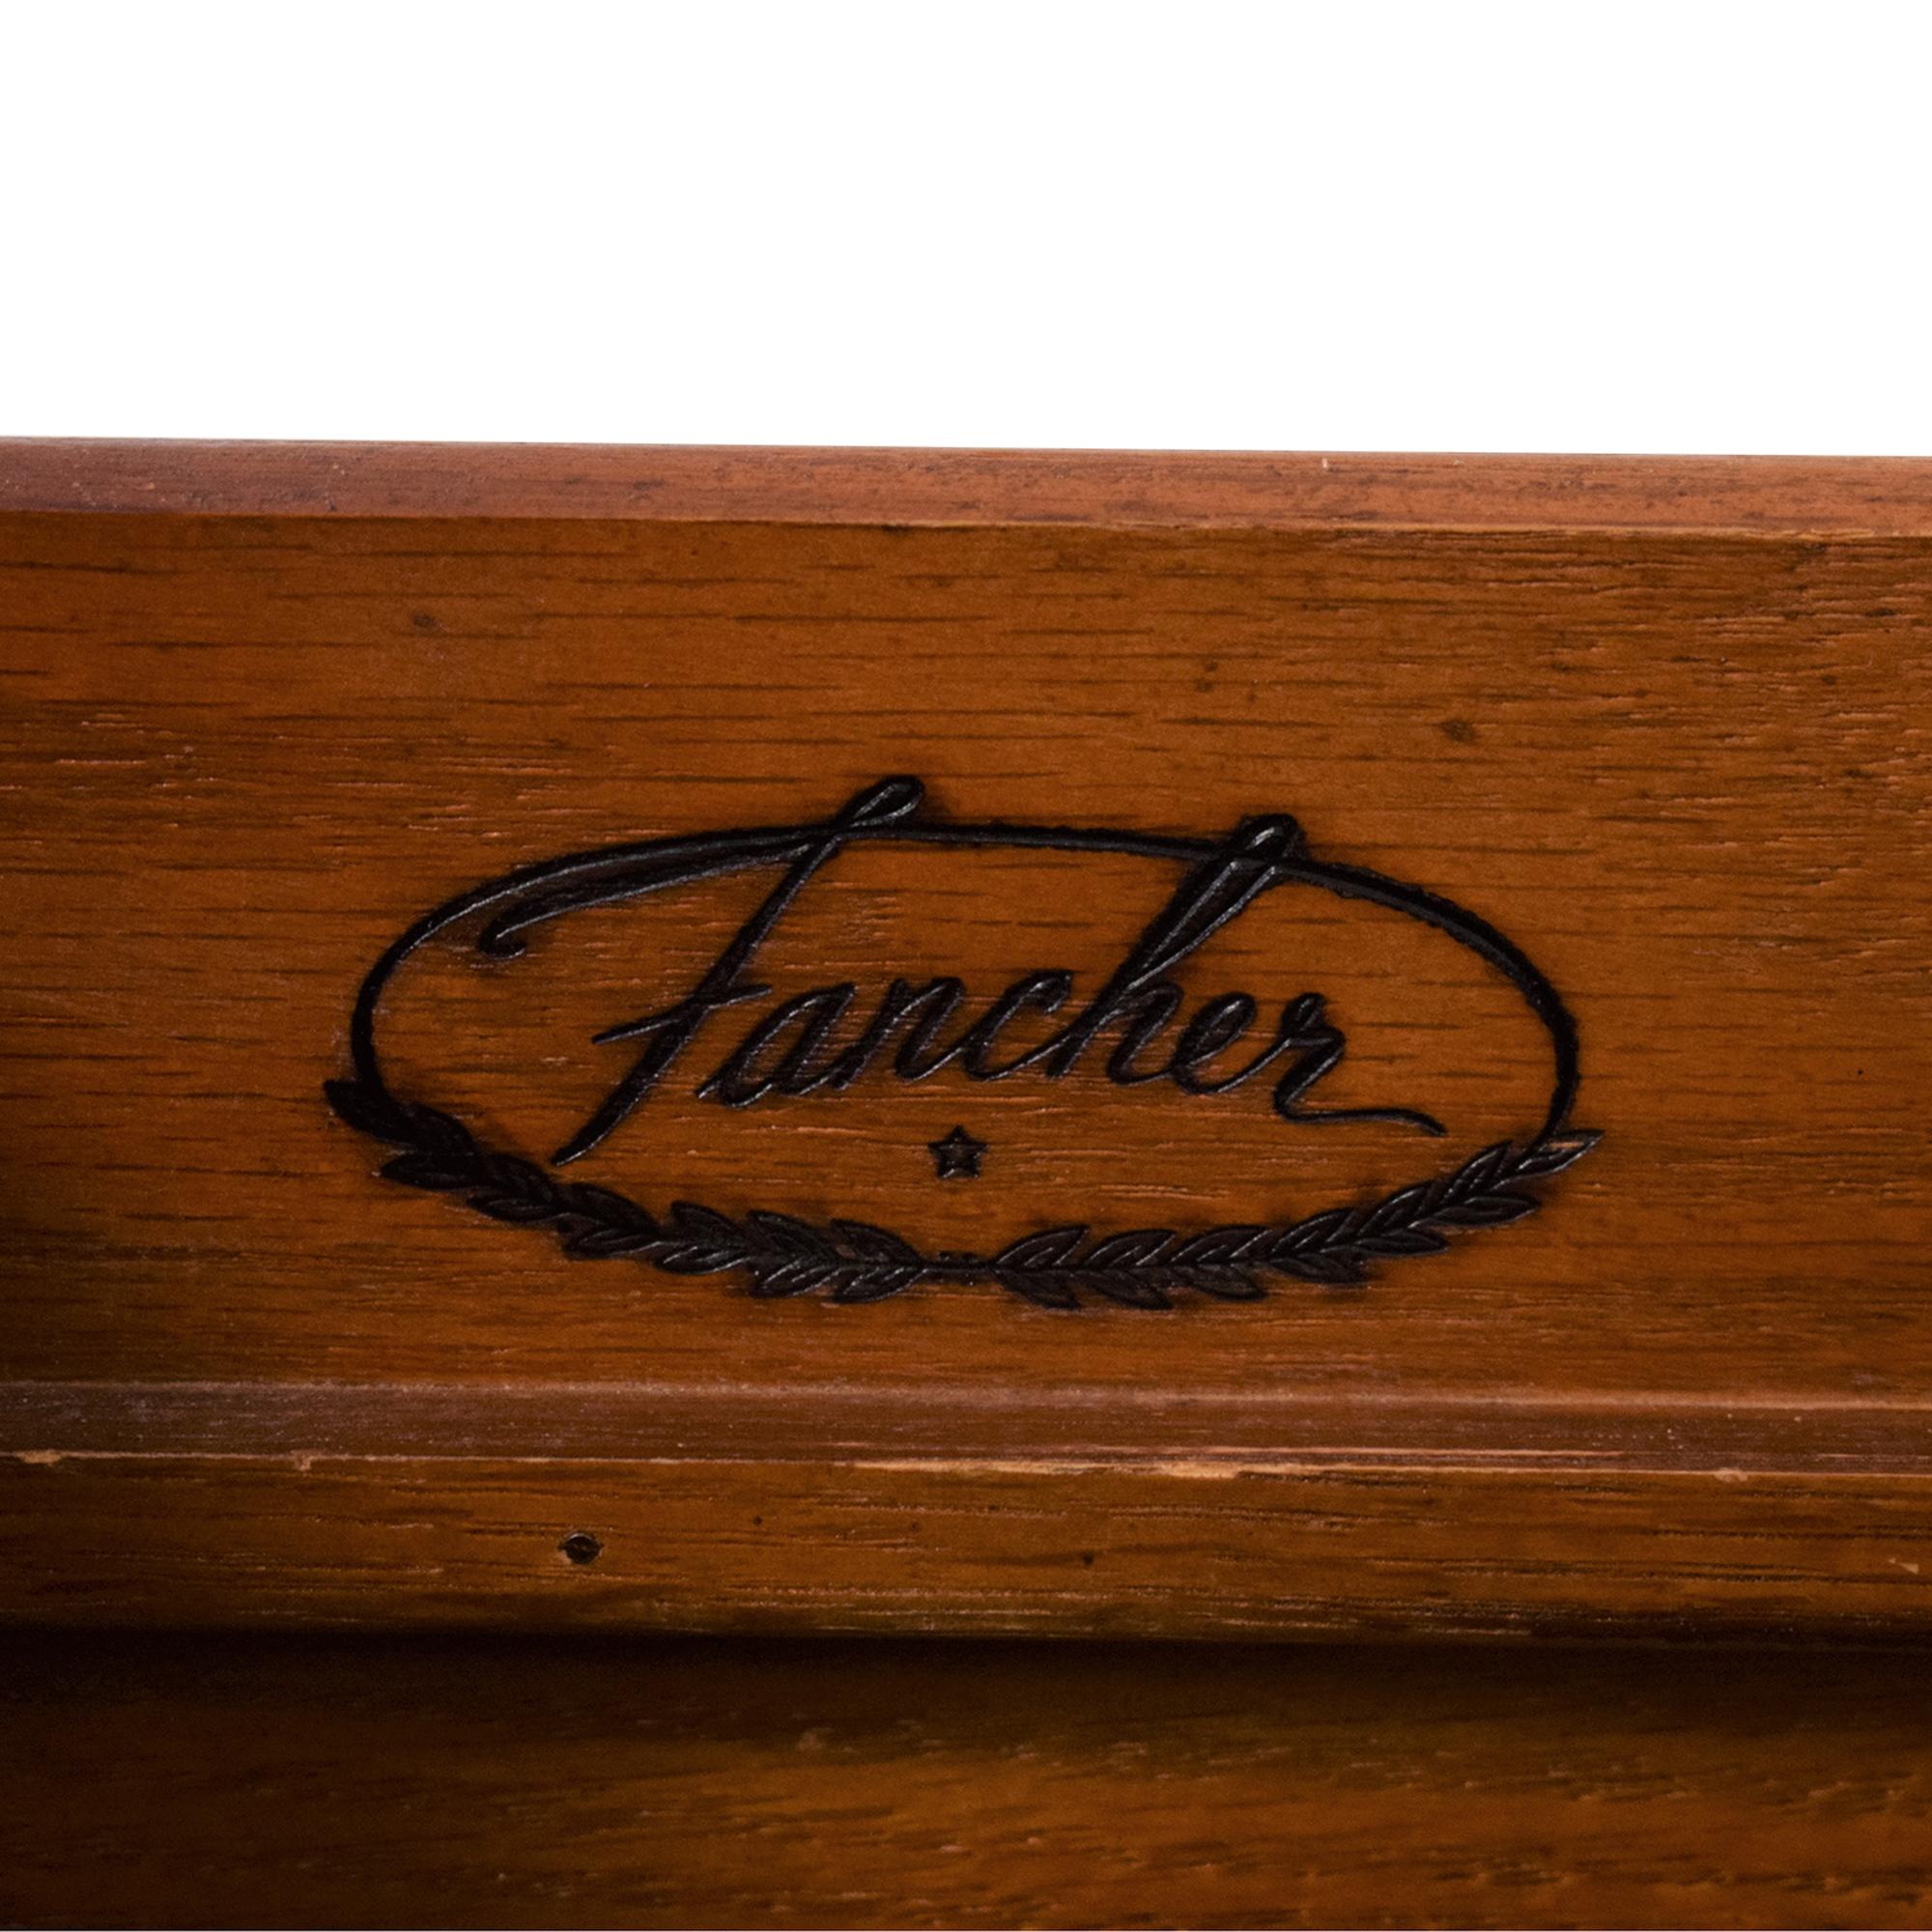 Fancher Furniture Fancher Vintage Dresser pa